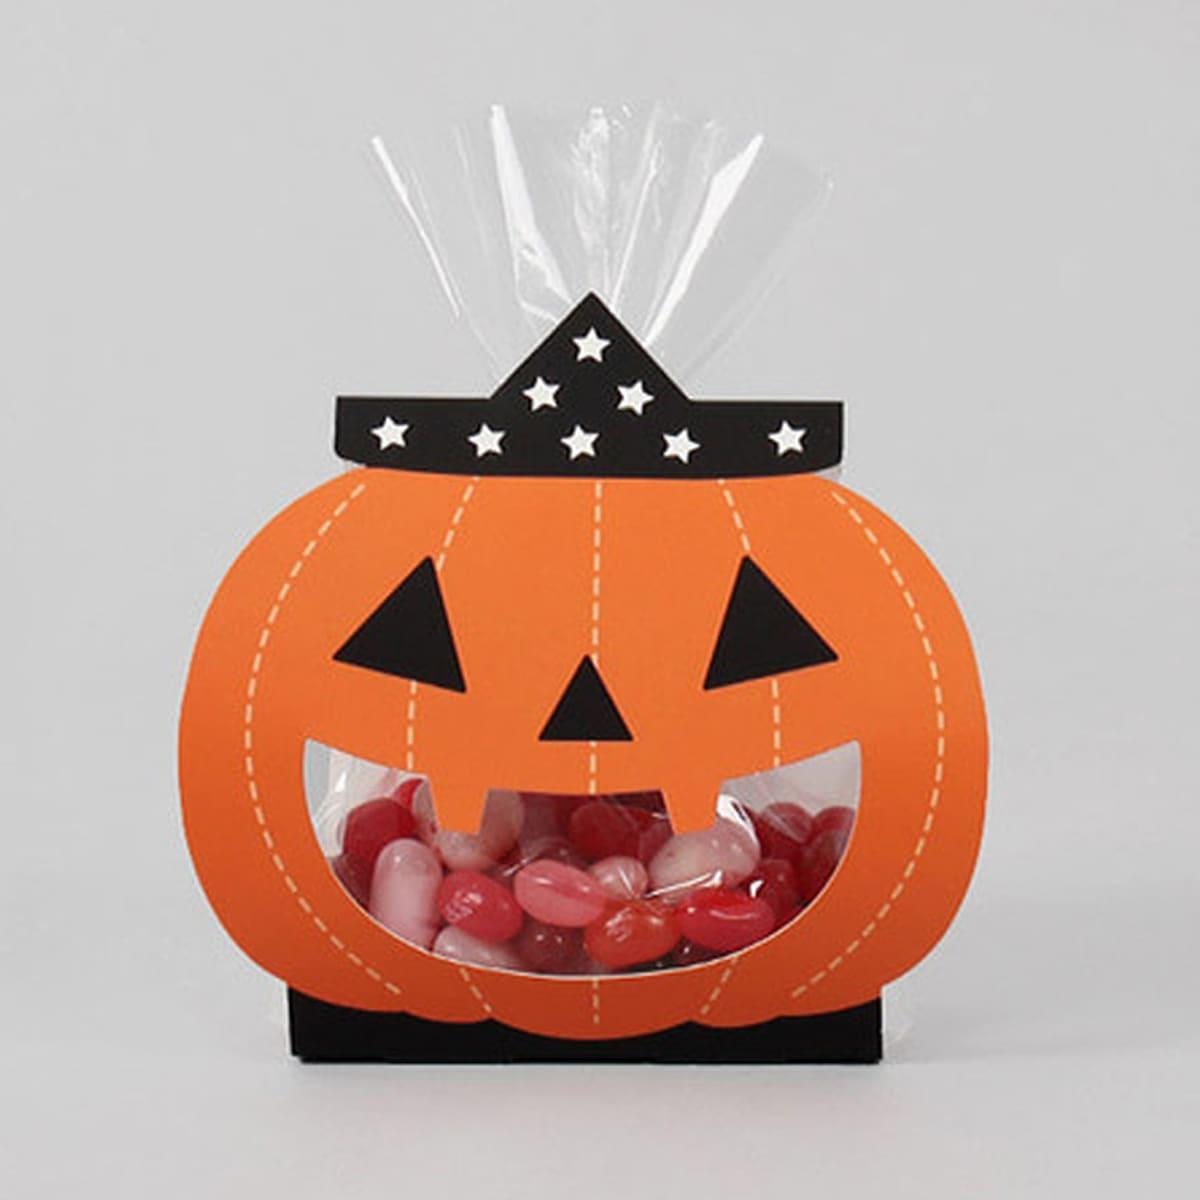 8шт Коробка для конфет на хэллоуин в форме тыквы